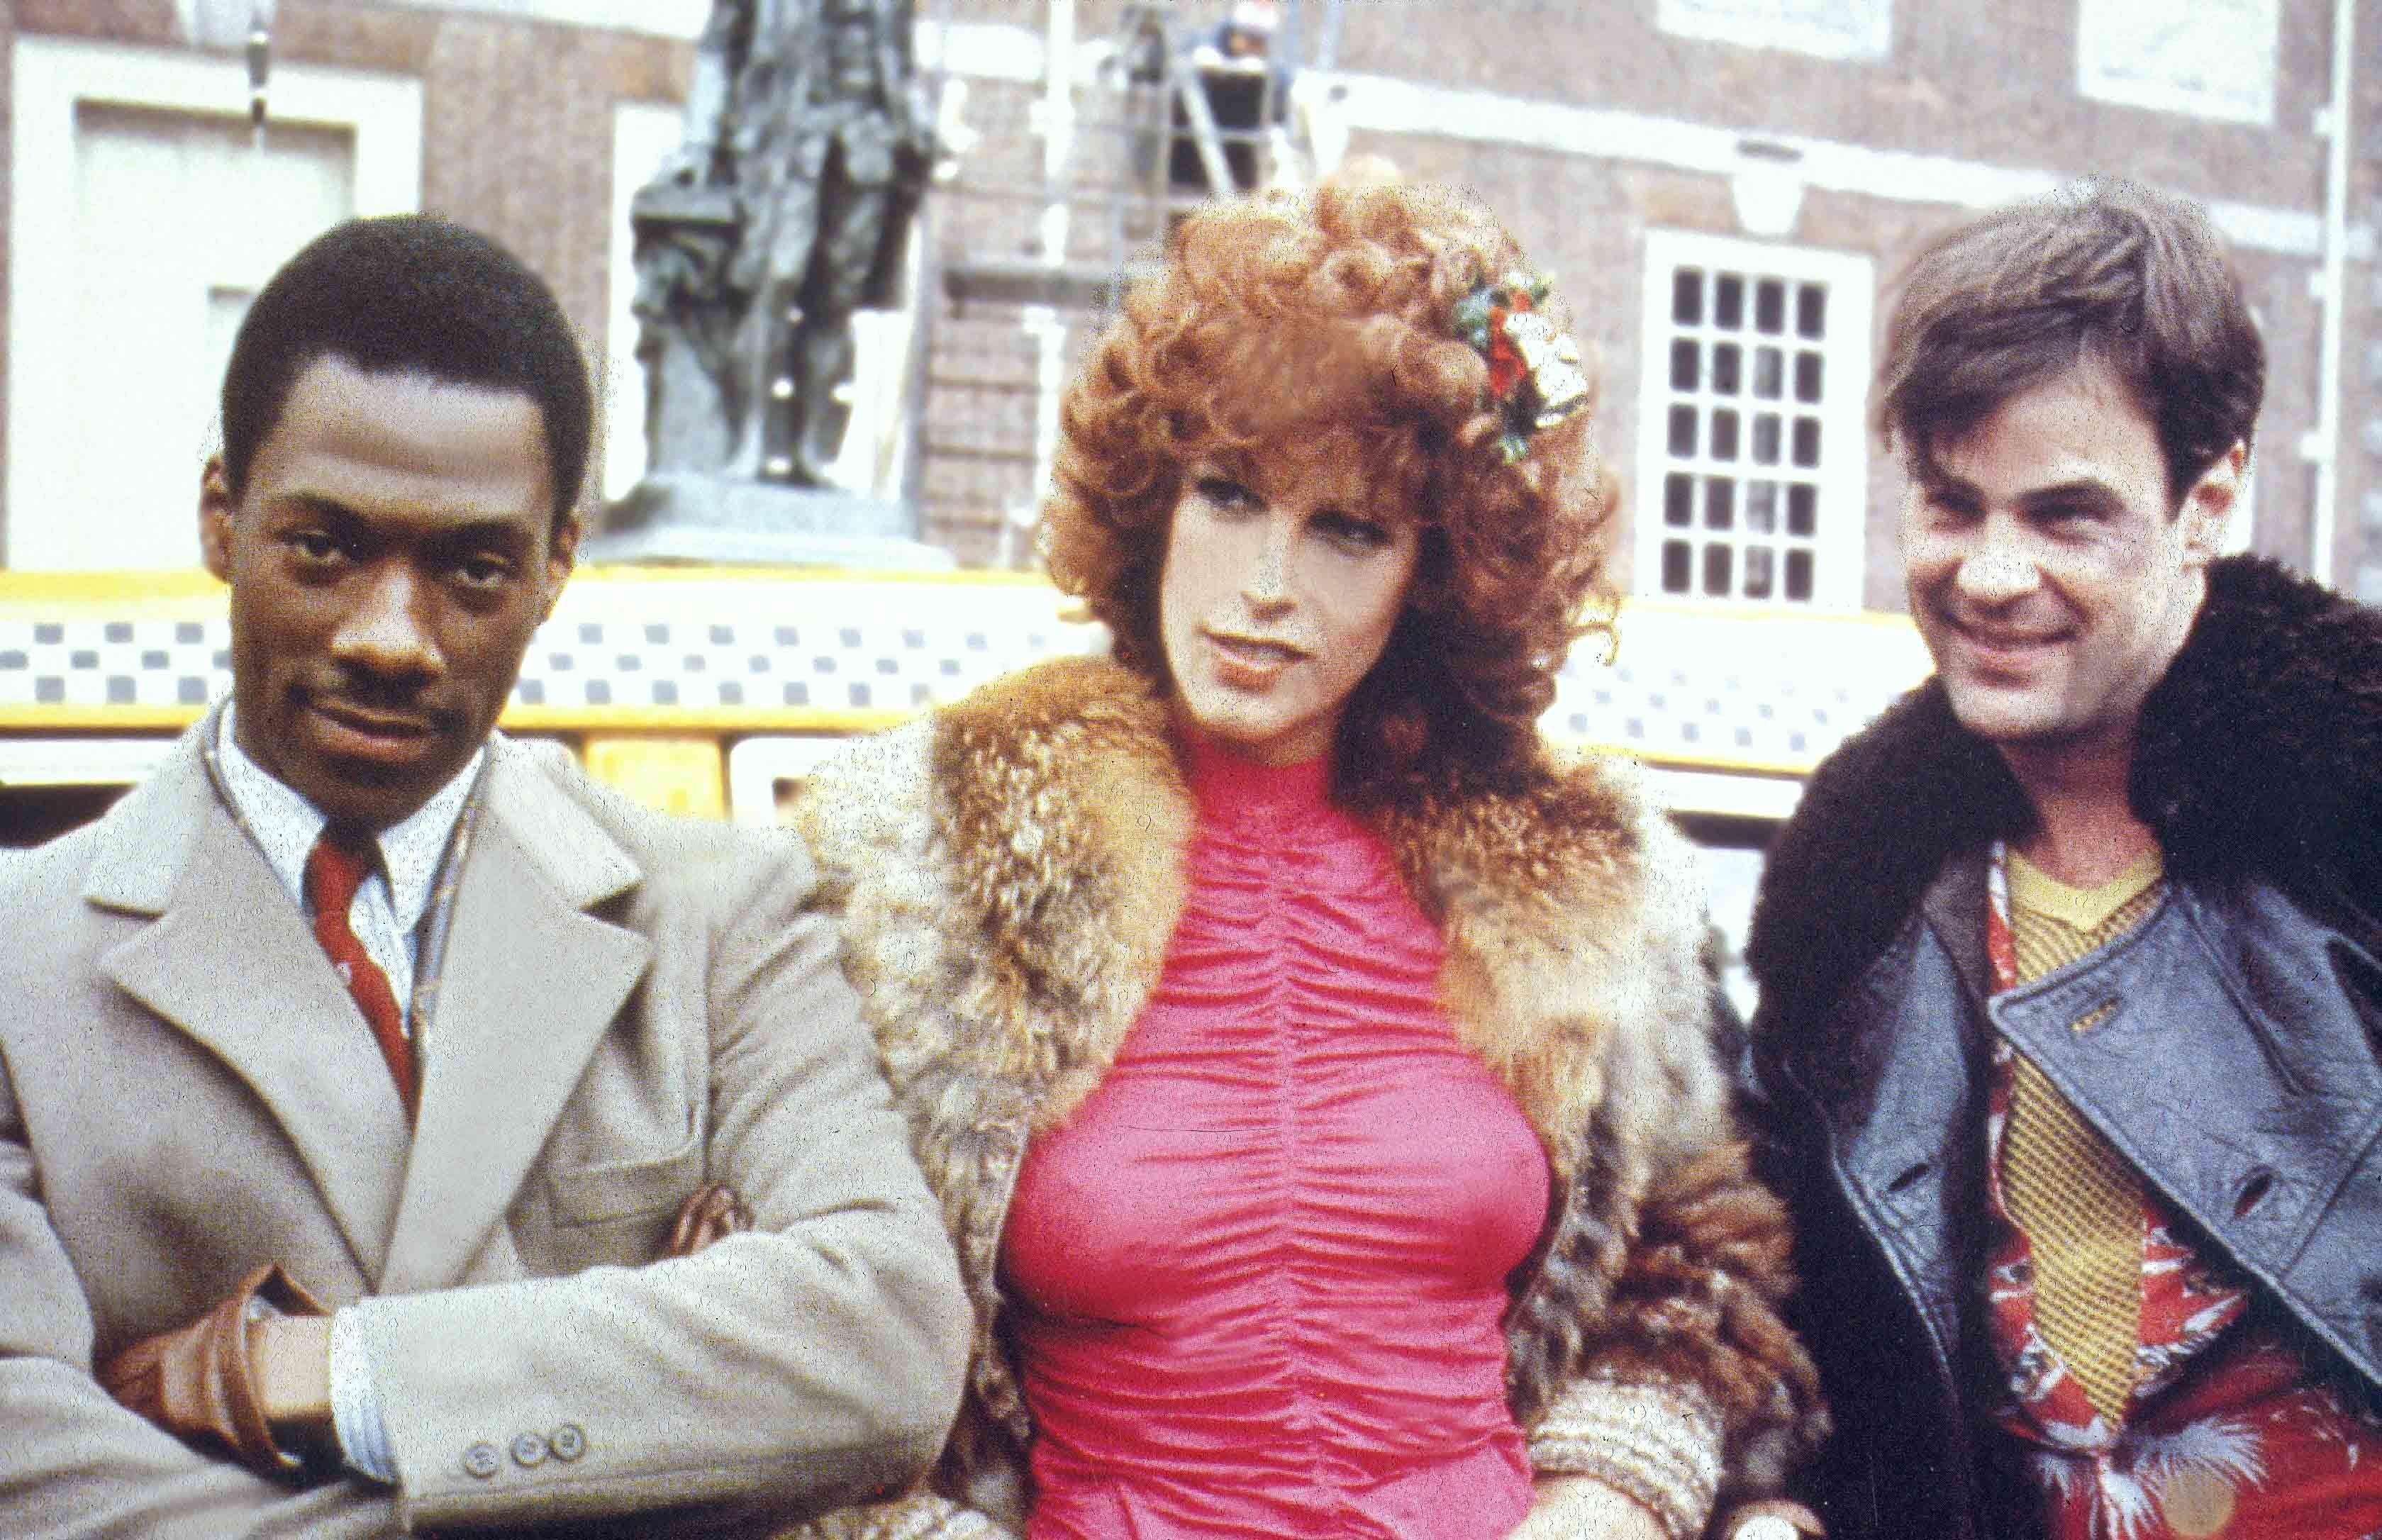 Lembra-se da estreia destes atores no ecrã?